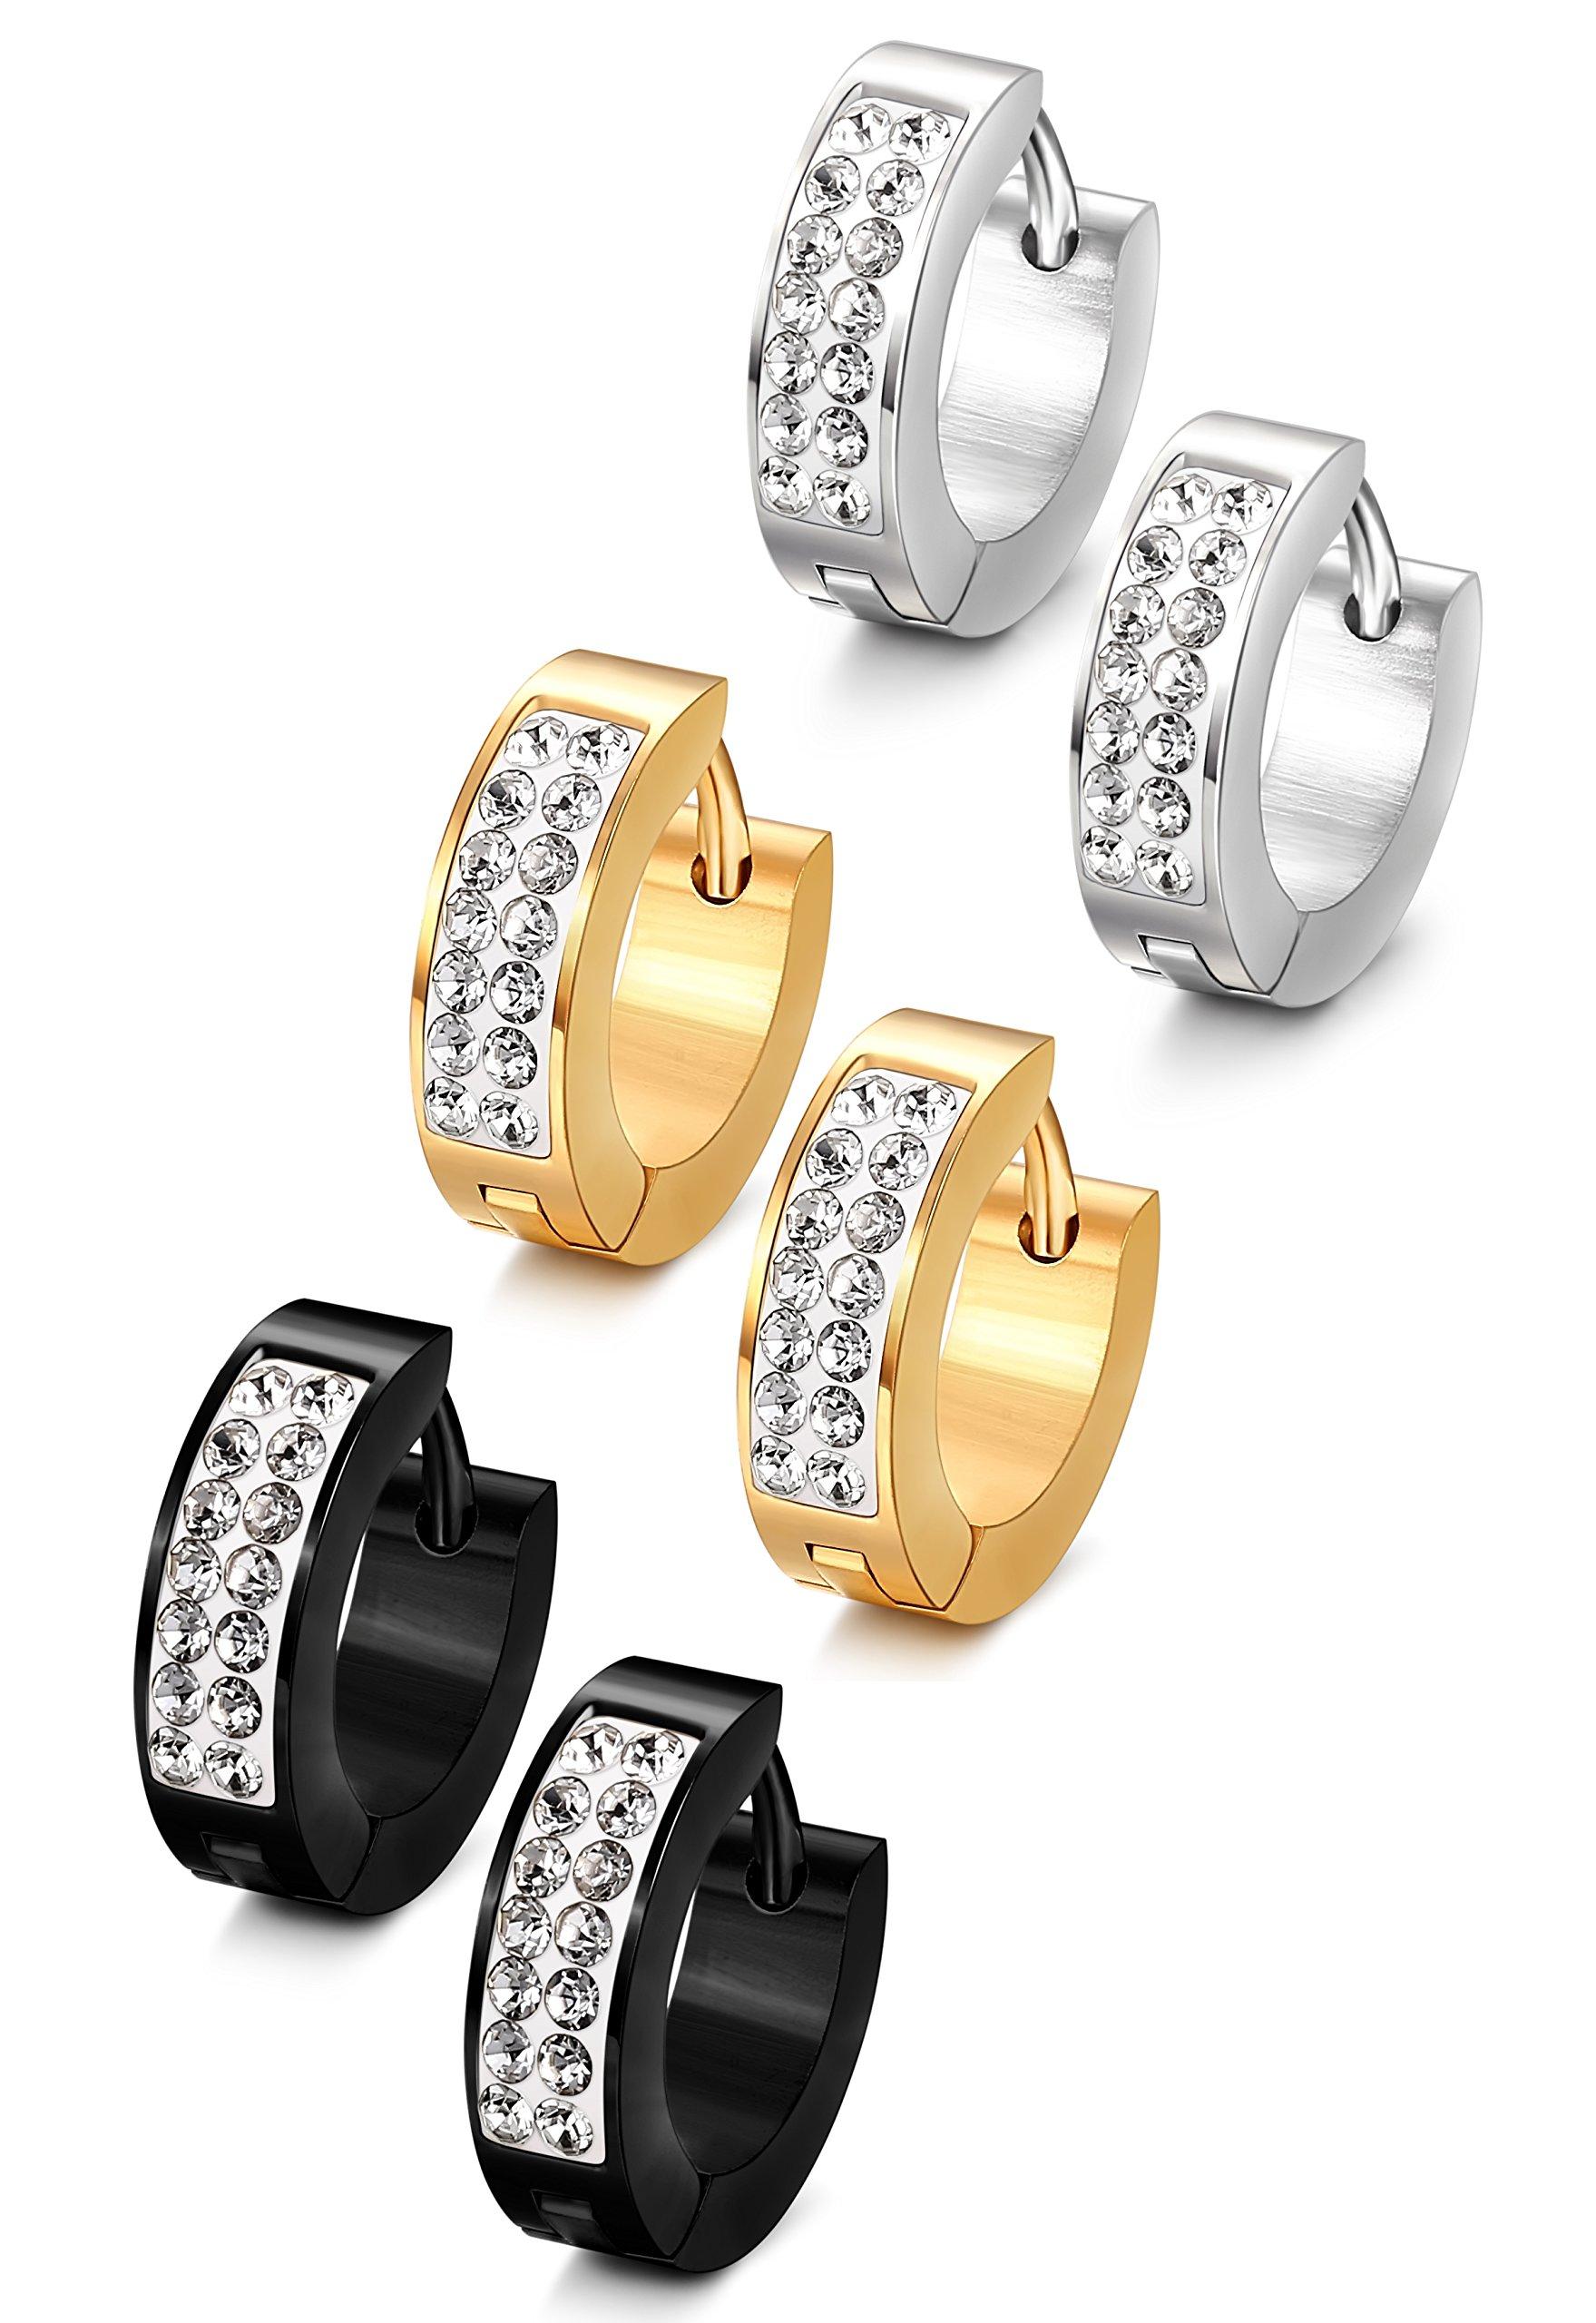 Jstyle Stainless Steel Womens Mens Hoop Earrings Huggie Earrings CZ Piercings 3 Pairs 18G